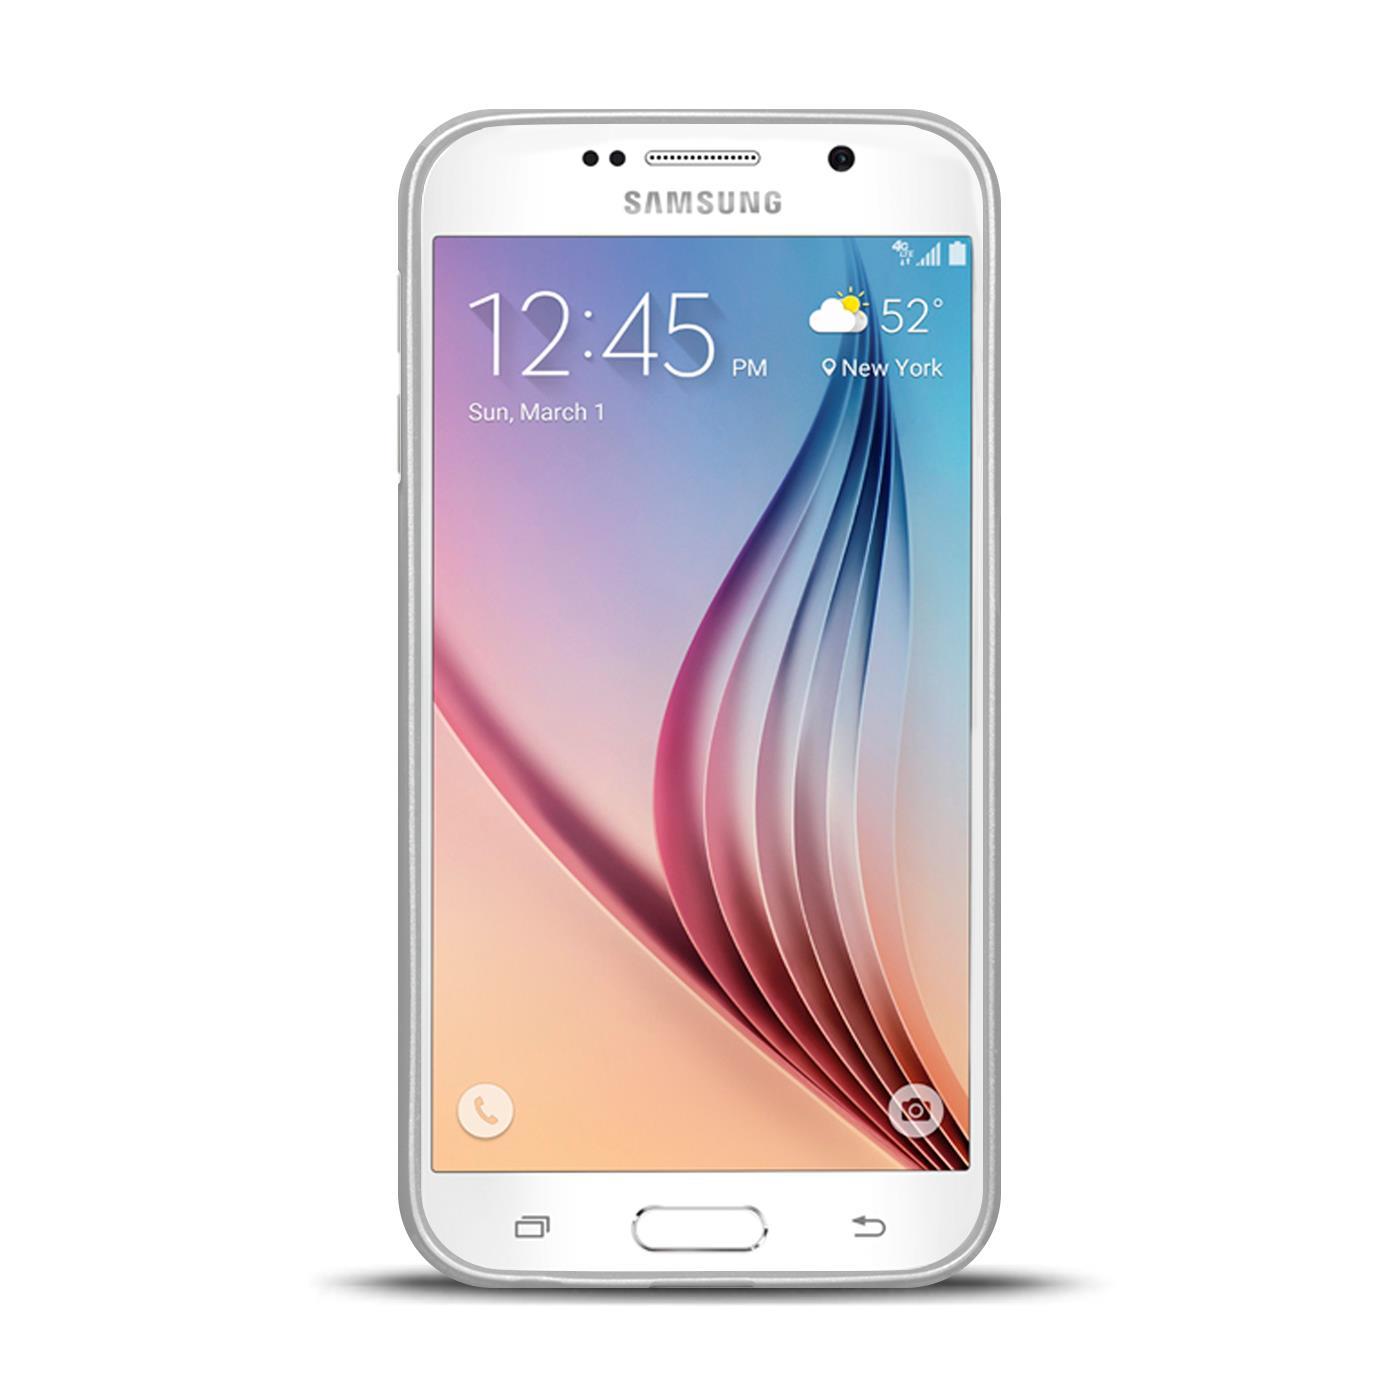 Silikon-Bumper-Case-fuer-Samsung-Galaxy-s6-duenne-ultra-slim-Stossfeste-Rueckschale Indexbild 43